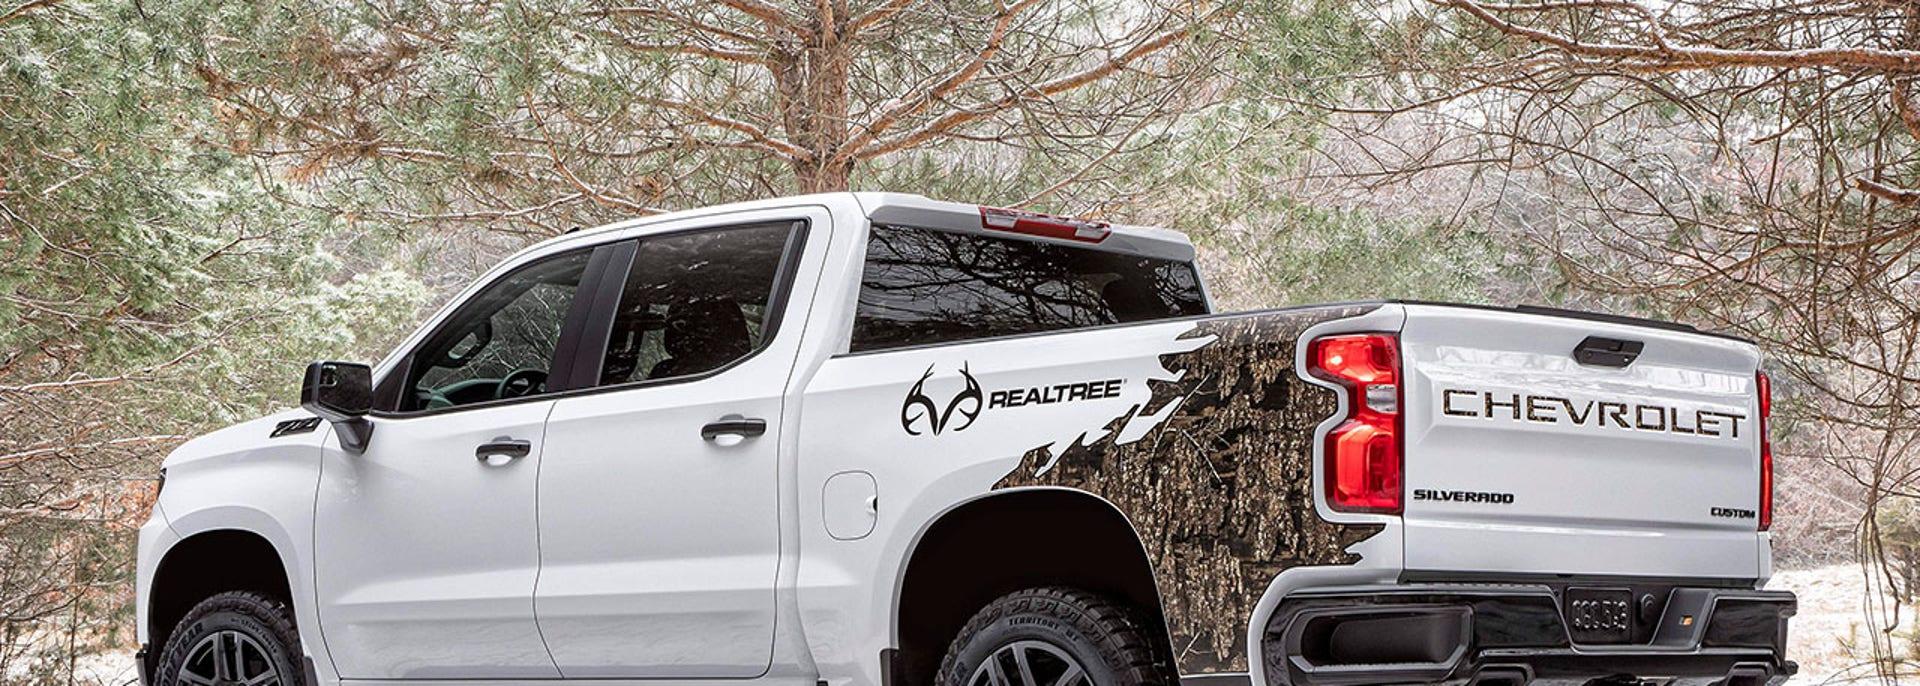 The 2021 Chevrolet Silverado Realtree Edition is a ...